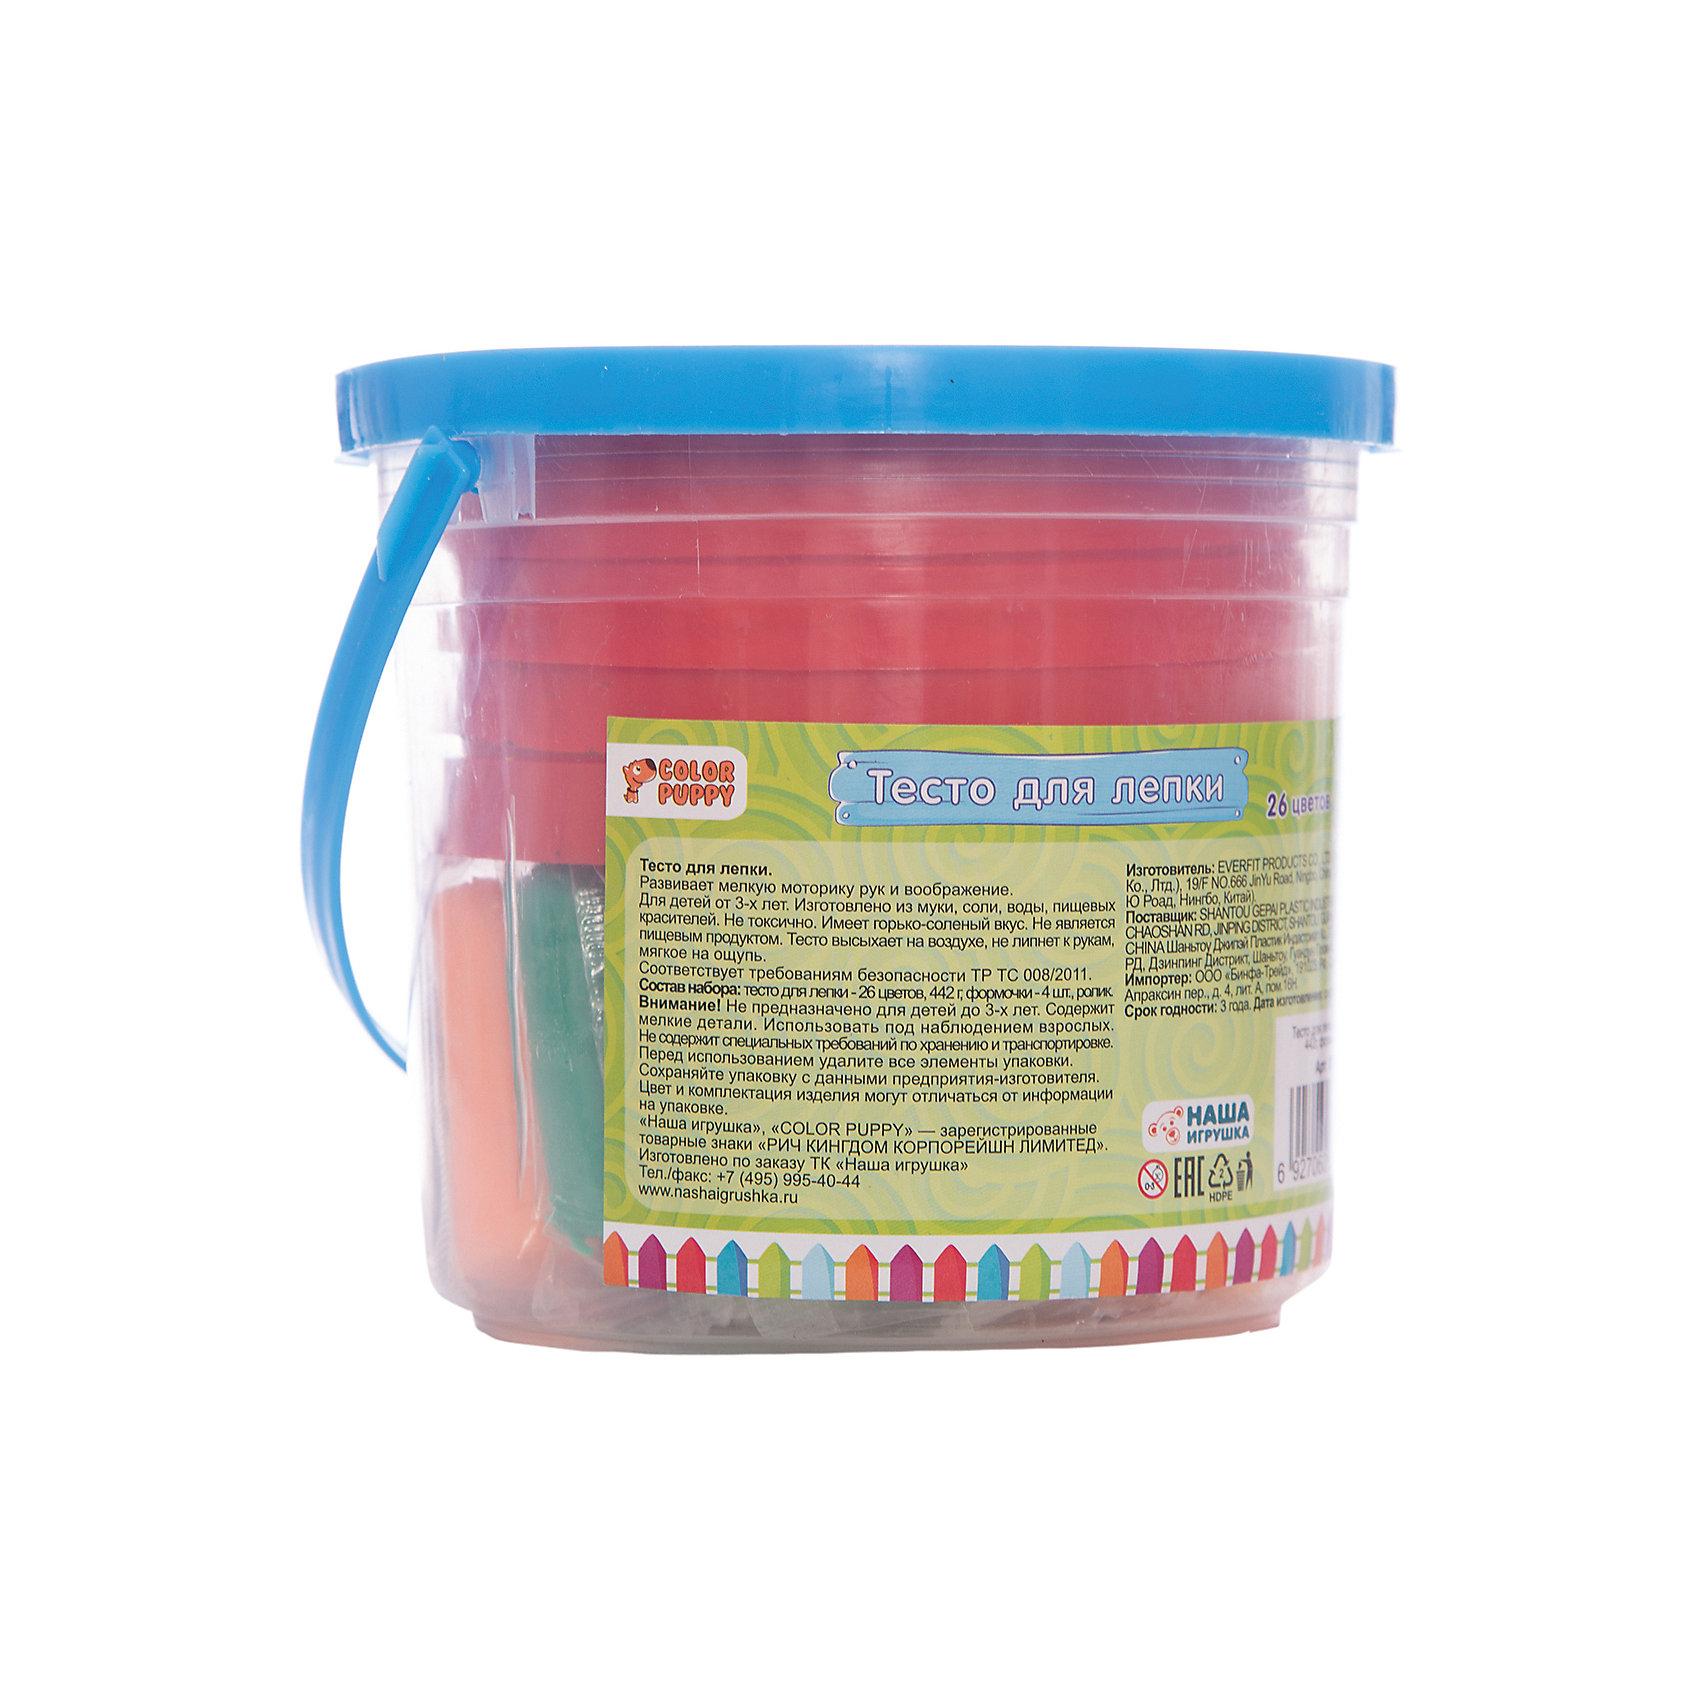 Тесто для лепки: 26 цветов, 442г, формы, роликЛепка<br>Замечательный подарок для юного скульпутора - набор для лепки из теста! В наборе - 26 ярких цветных брусочков теста, а также фигурные формочки. Тесто изготовлено из муки, соли, воды и пищевых красителей - абсолютно безвредно для детей. Тесто высыхвает на воздухе, не липнет к руках и мягкое на ощупь. Занятие лепкой развивают моторику рук, воображение и мышление ребенка.<br><br>Ширина мм: 140<br>Глубина мм: 120<br>Высота мм: 140<br>Вес г: 739<br>Возраст от месяцев: 36<br>Возраст до месяцев: 108<br>Пол: Унисекс<br>Возраст: Детский<br>SKU: 5078401